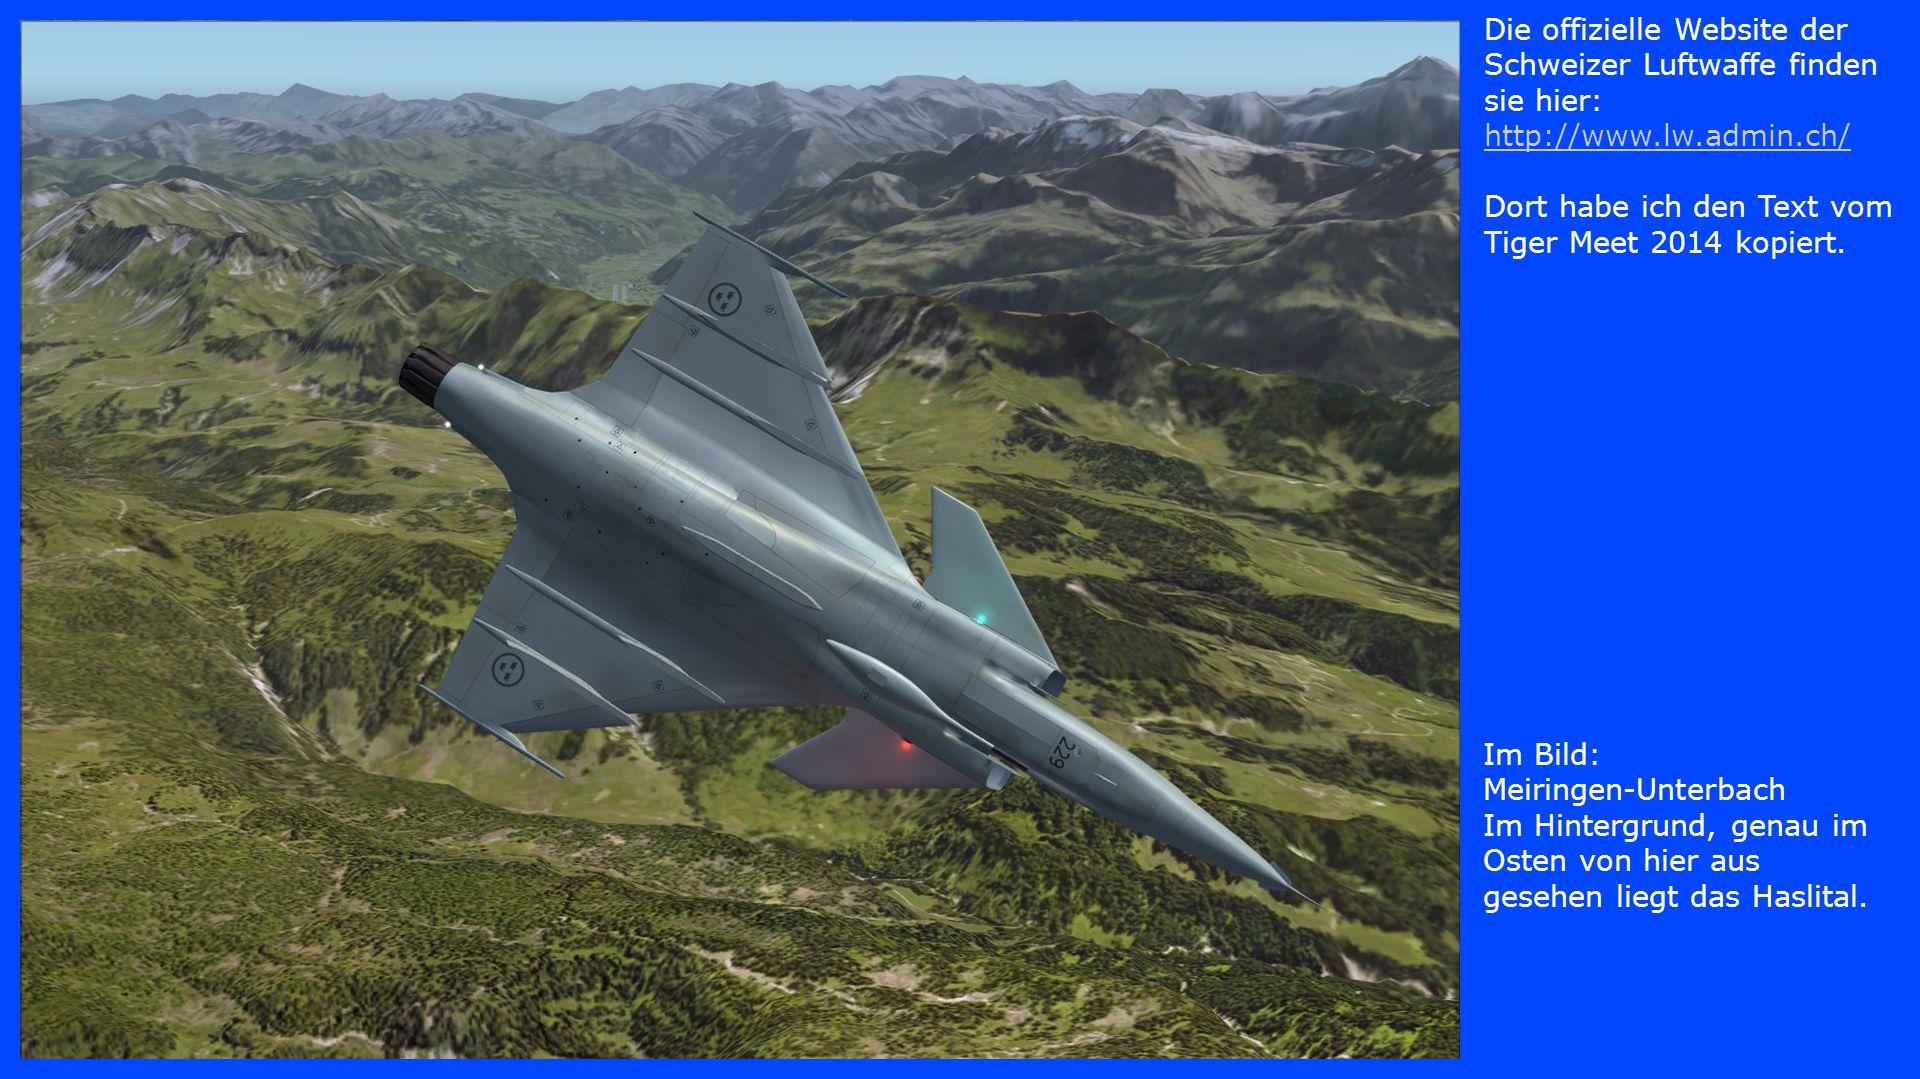 Die offizielle Website der Schweizer Luftwaffe finden sie hier: